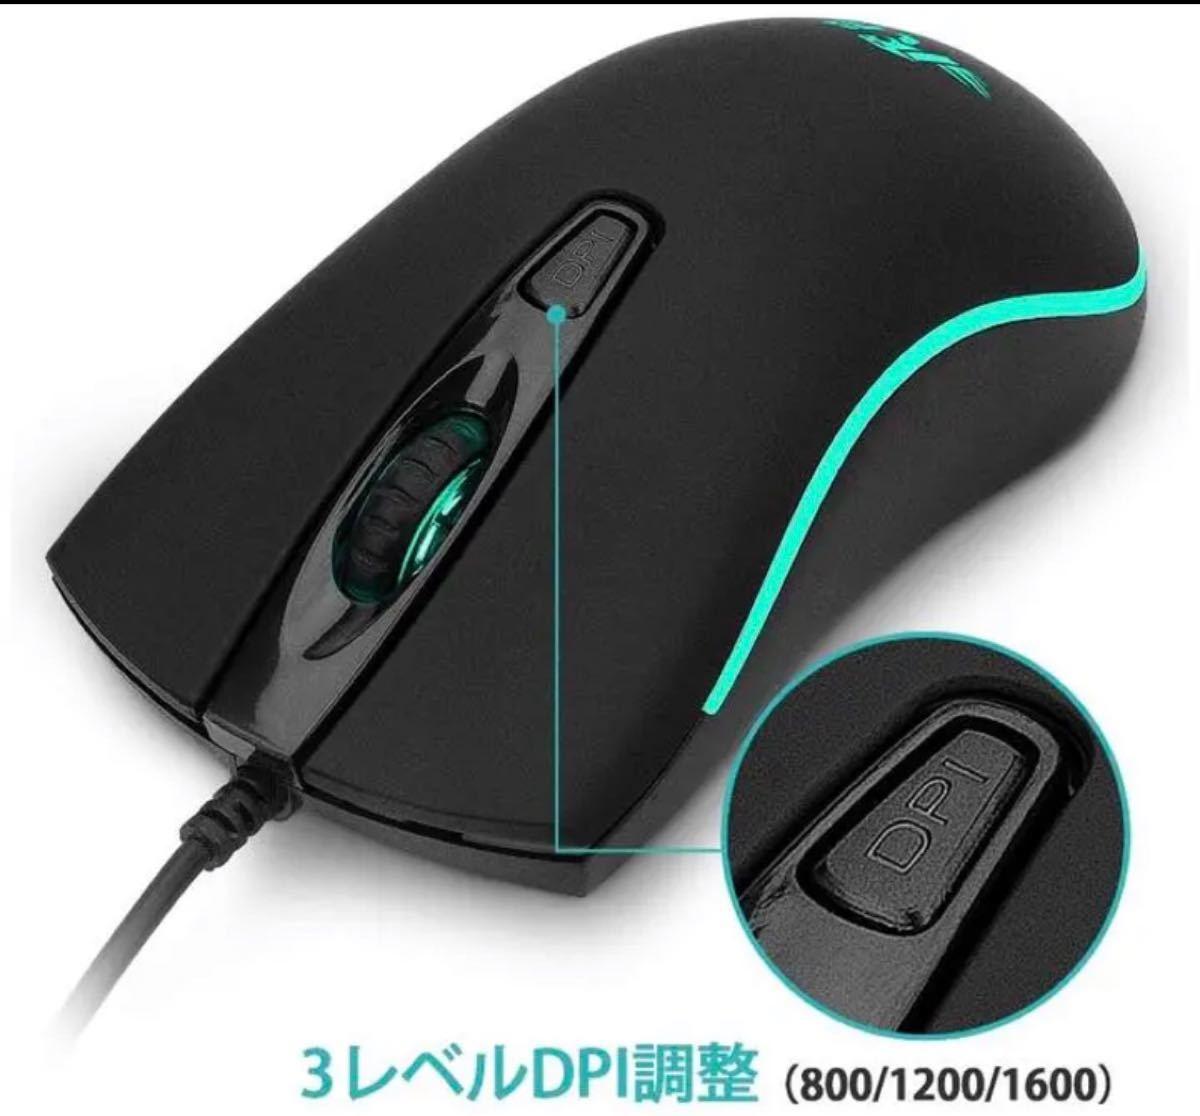 有線マウス USB マウス簡単接続、LEDマウス左右対称型 ブラック